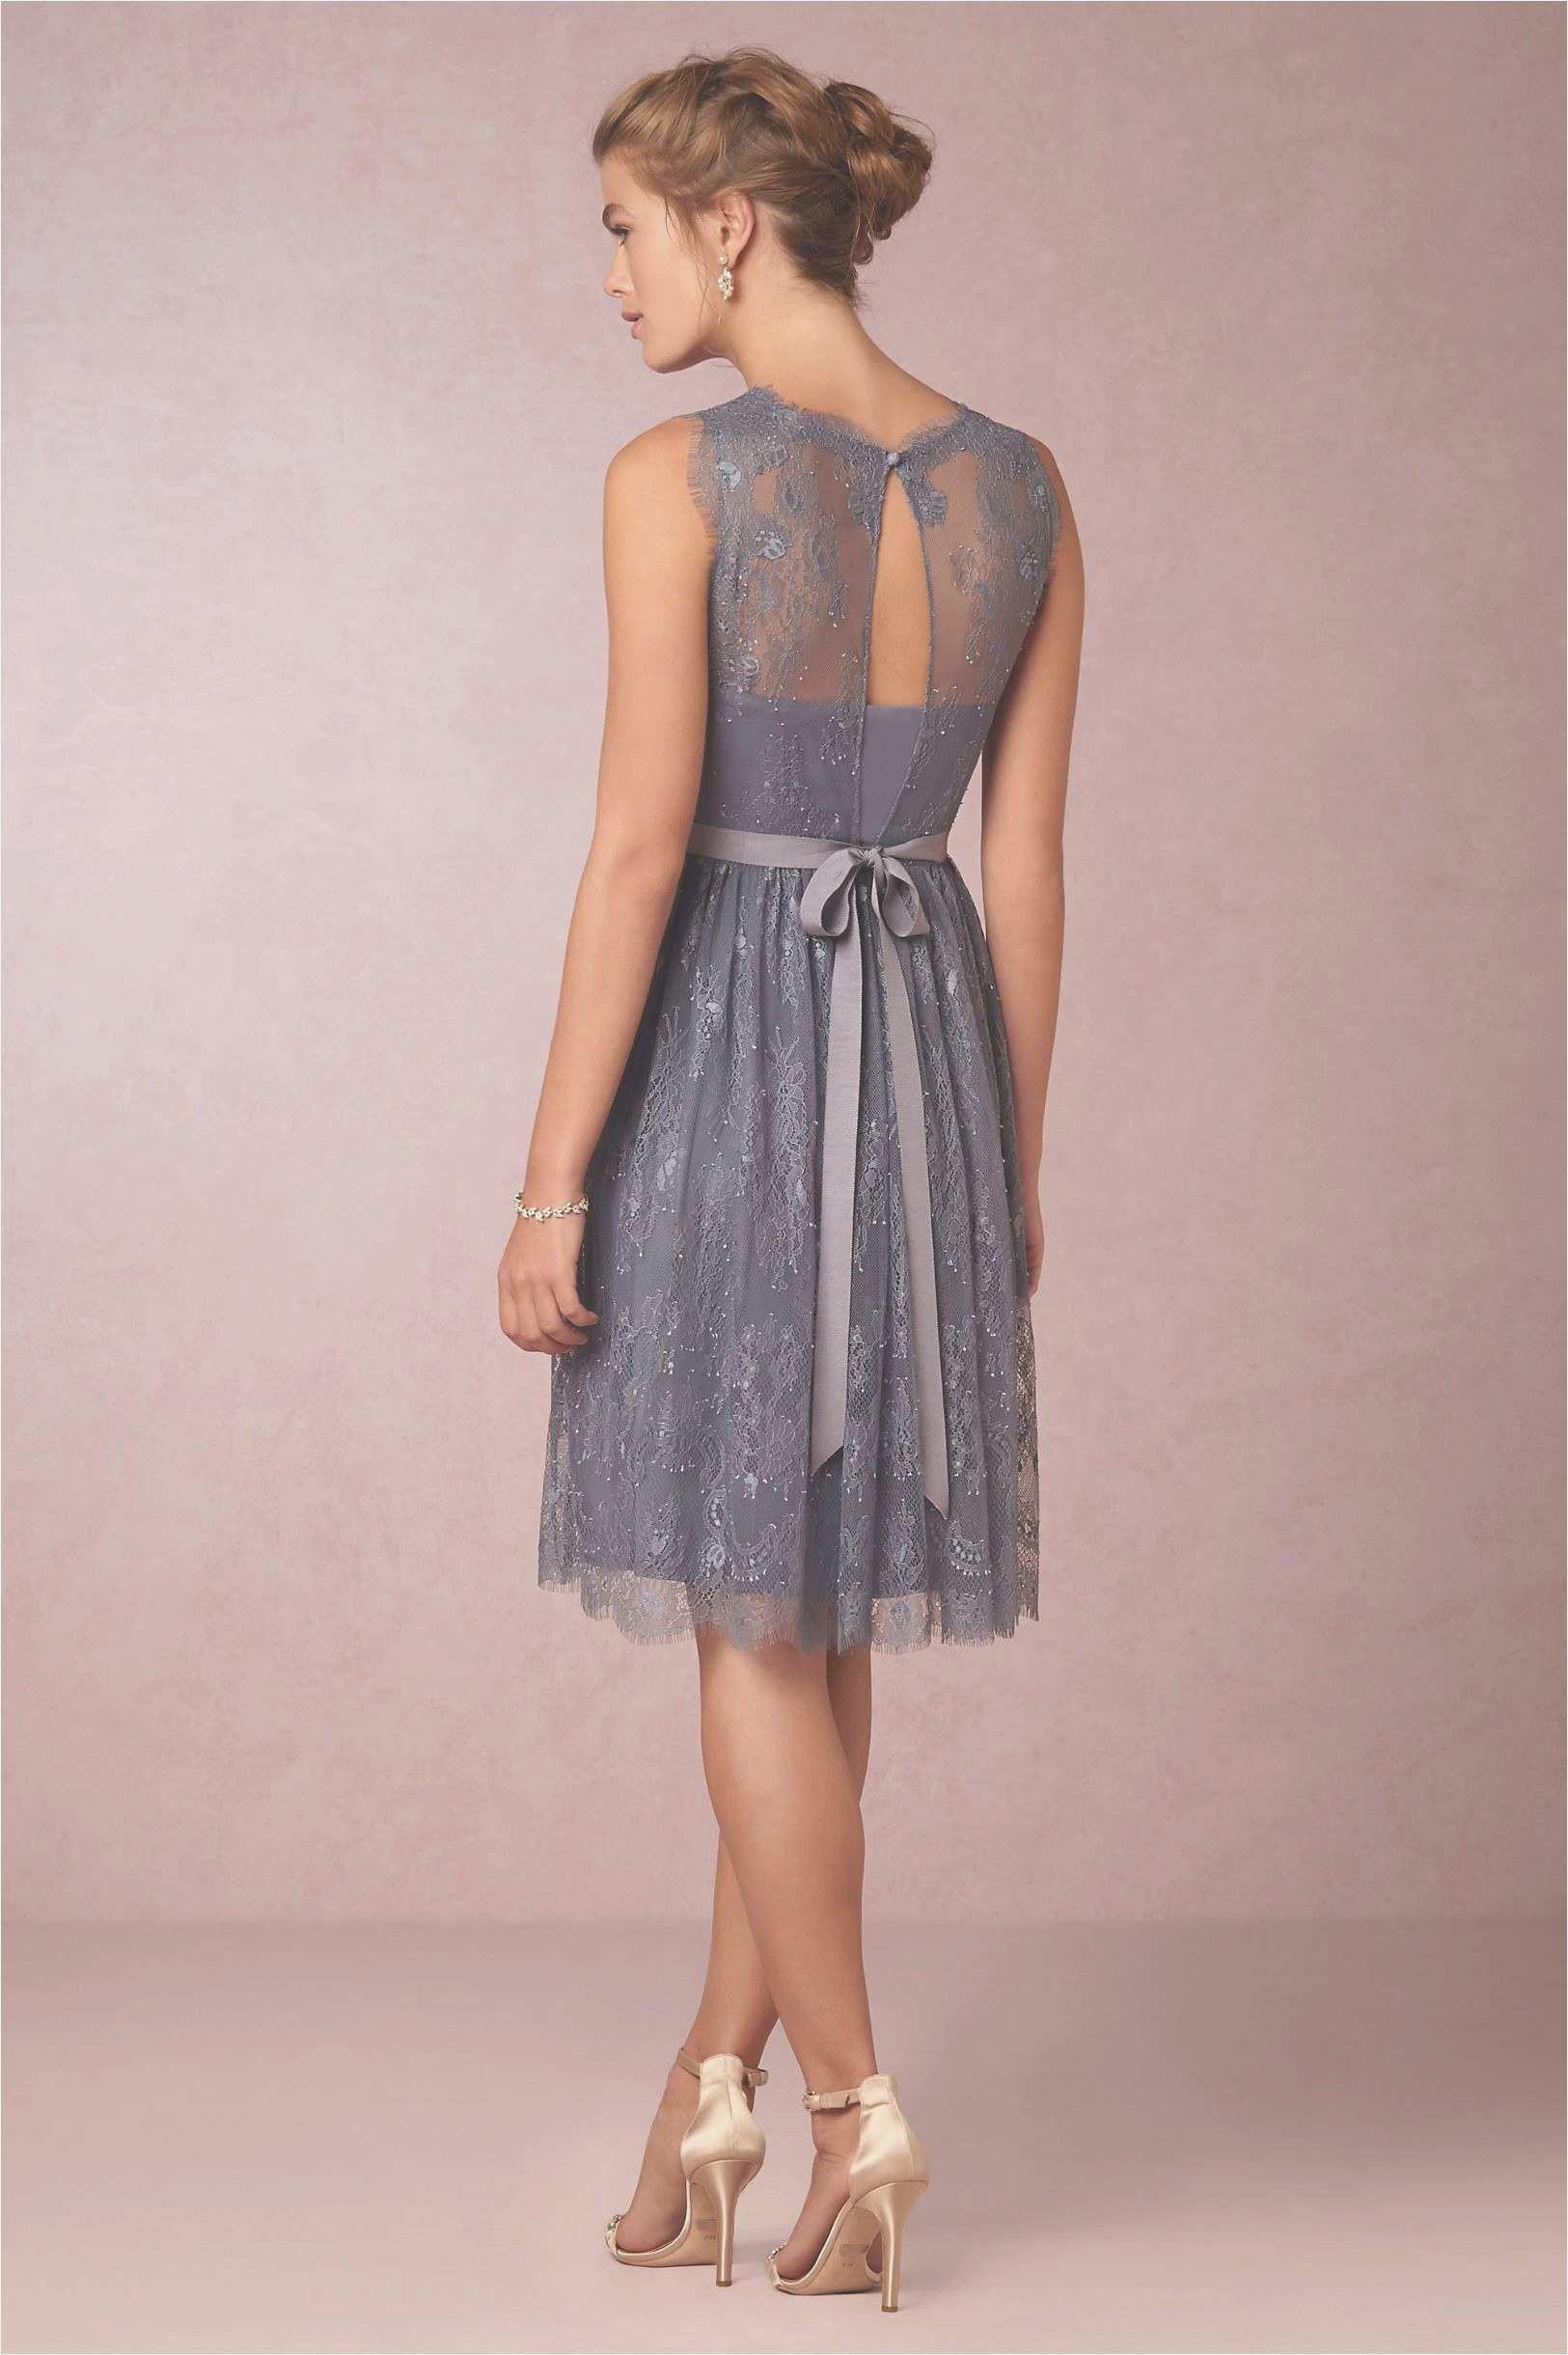 Abendkleider Knielang – Valentins Day  Festliche kleider, Kleid